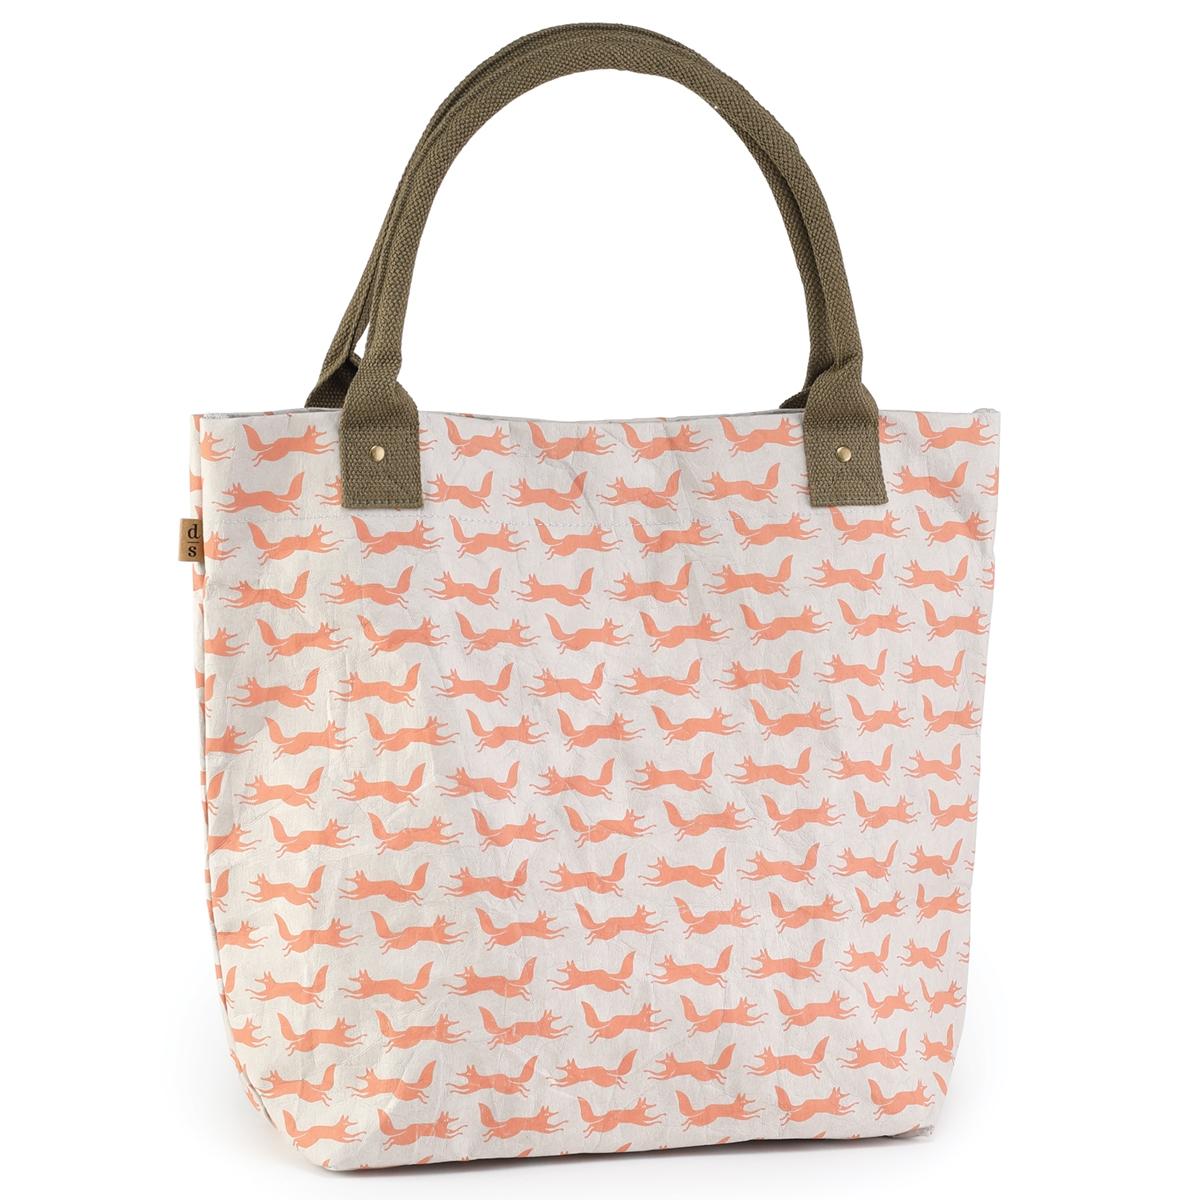 Fox Print Paper Craft Tote Bag